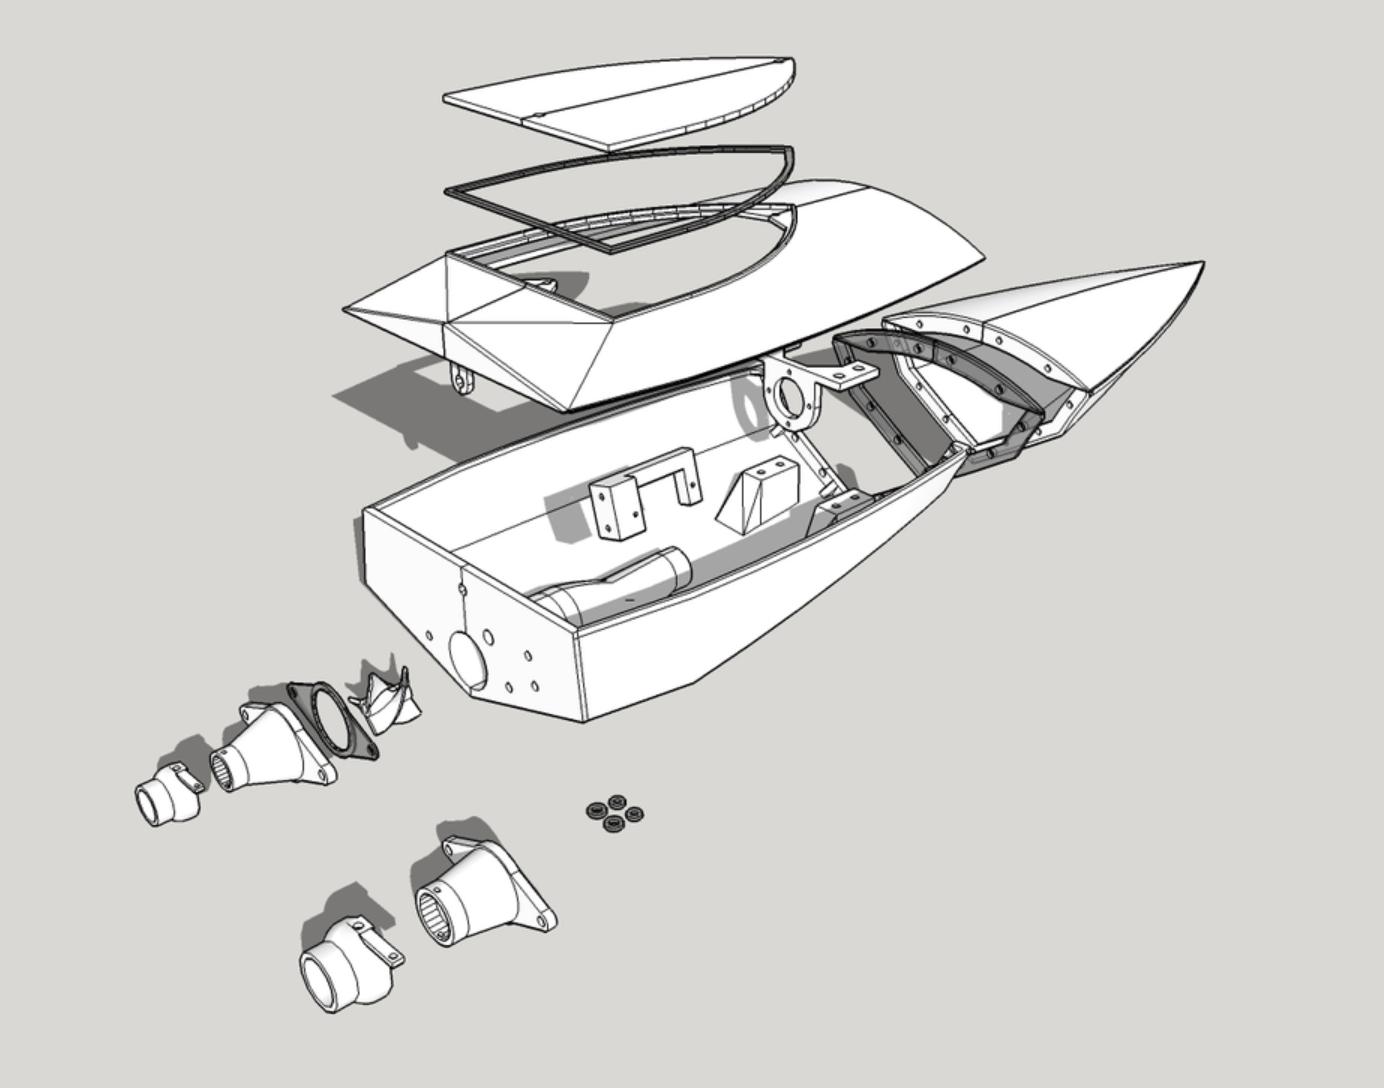 Capture d'écran 2018-01-30 à 11.40.33.png Download free STL file 3DRC RC Jet Boat Prototype • 3D printable design, finhudson16